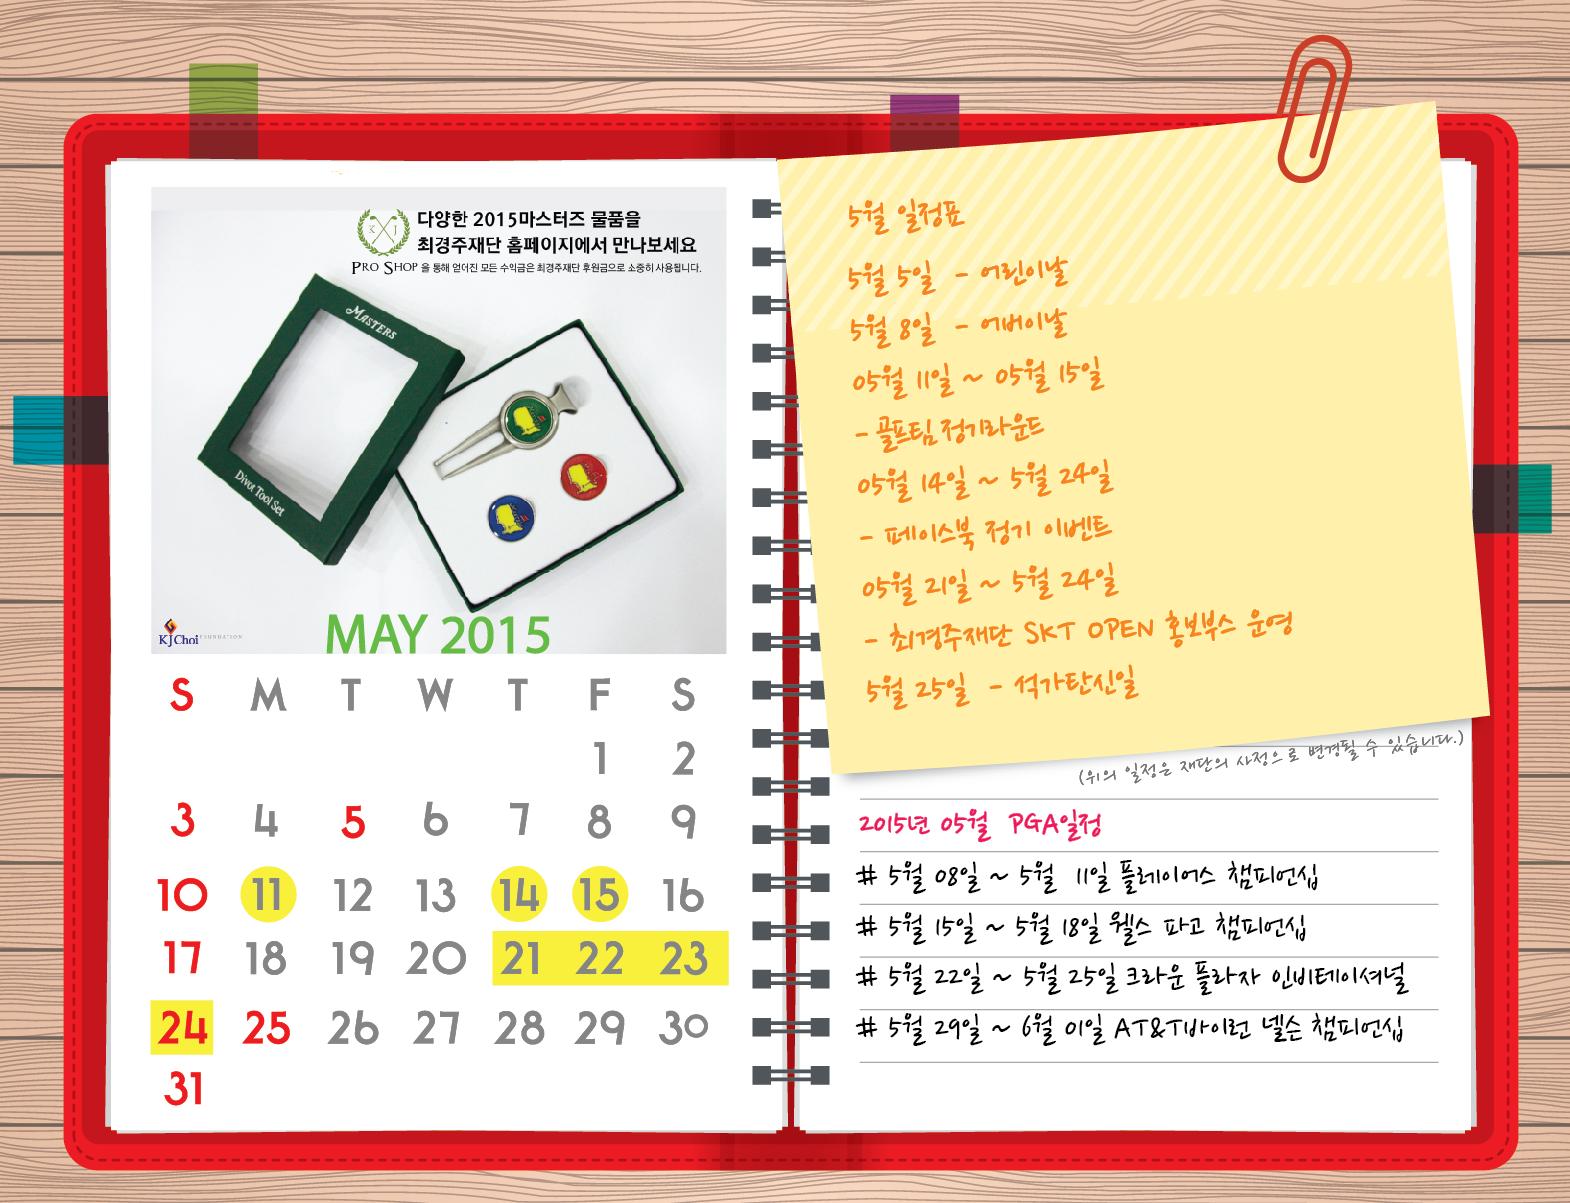 최경주재단 5월 행사일정